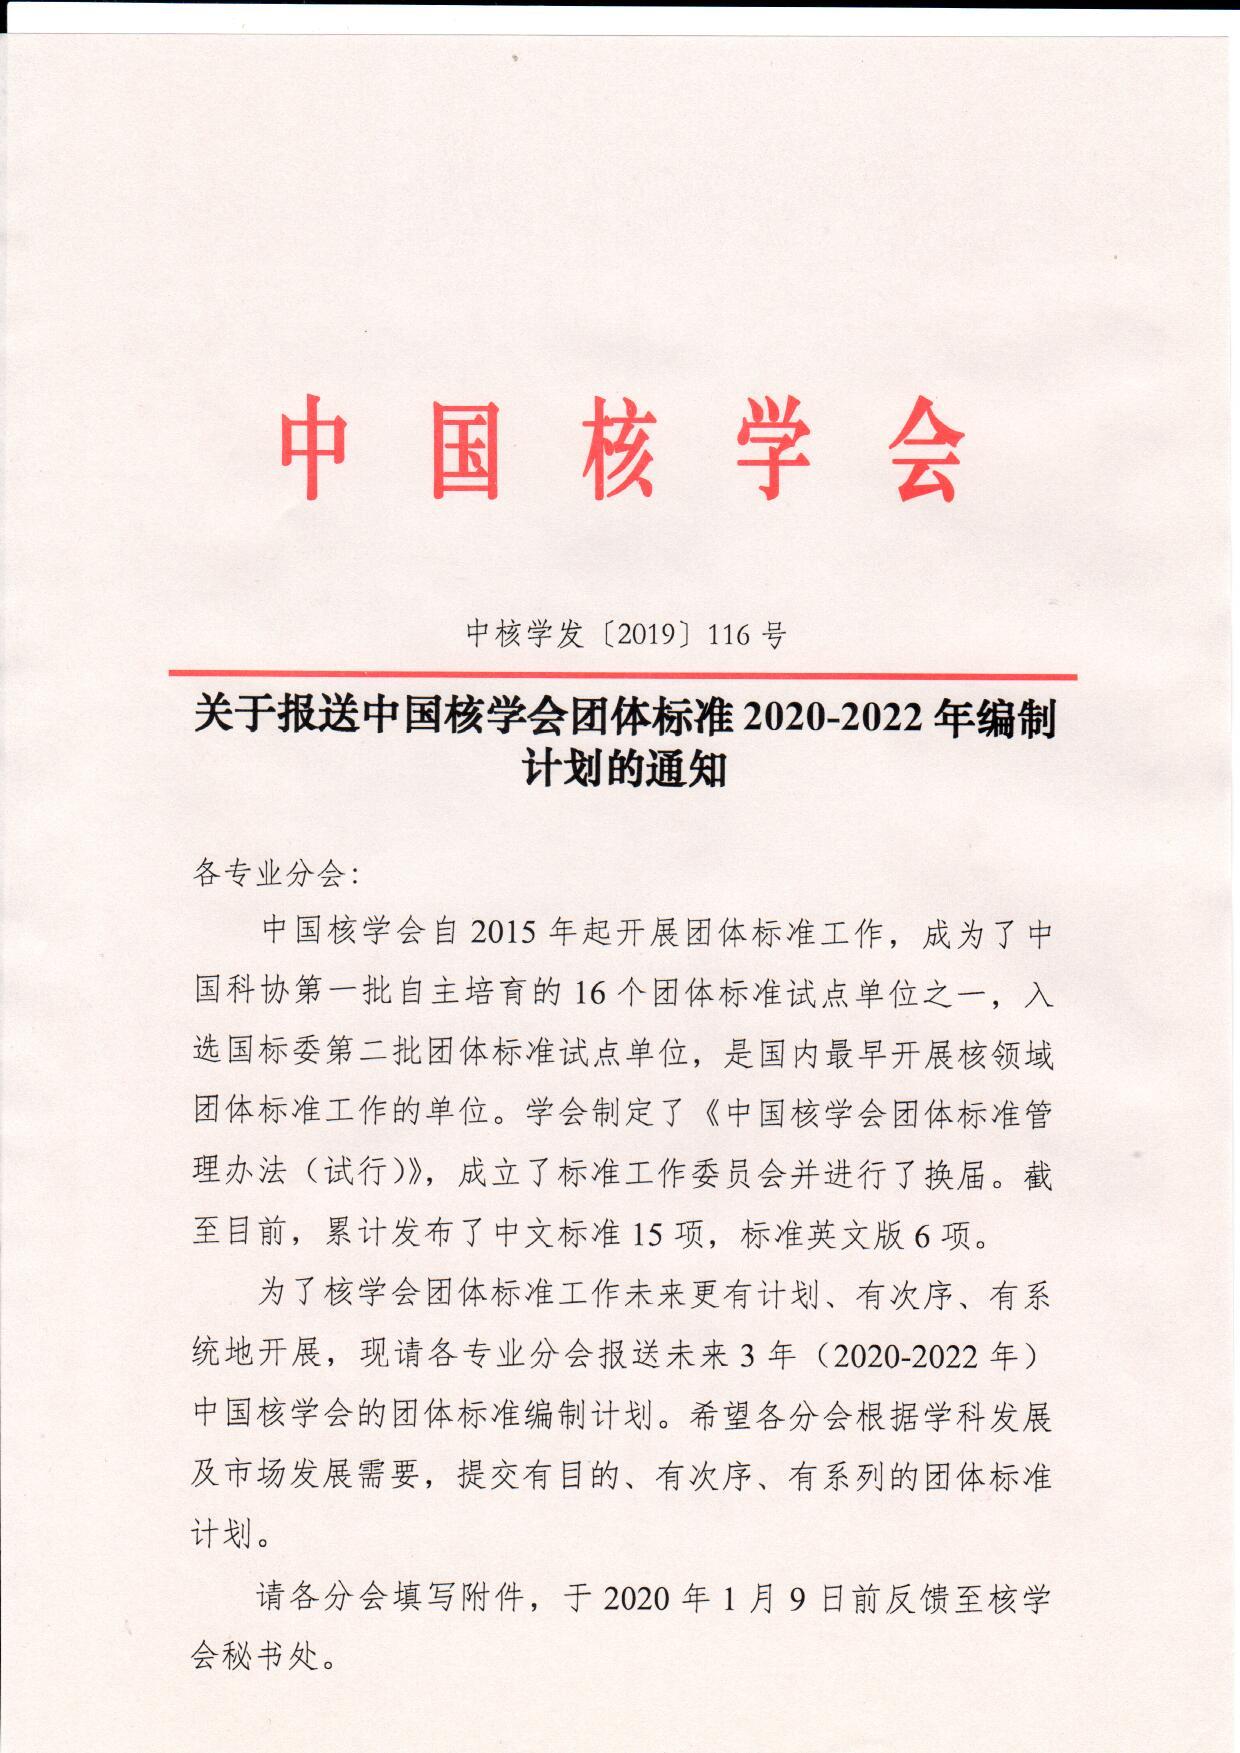 关于报送中国核学会团体标准2020-2022年编制计划的通知_页面_1.jpg